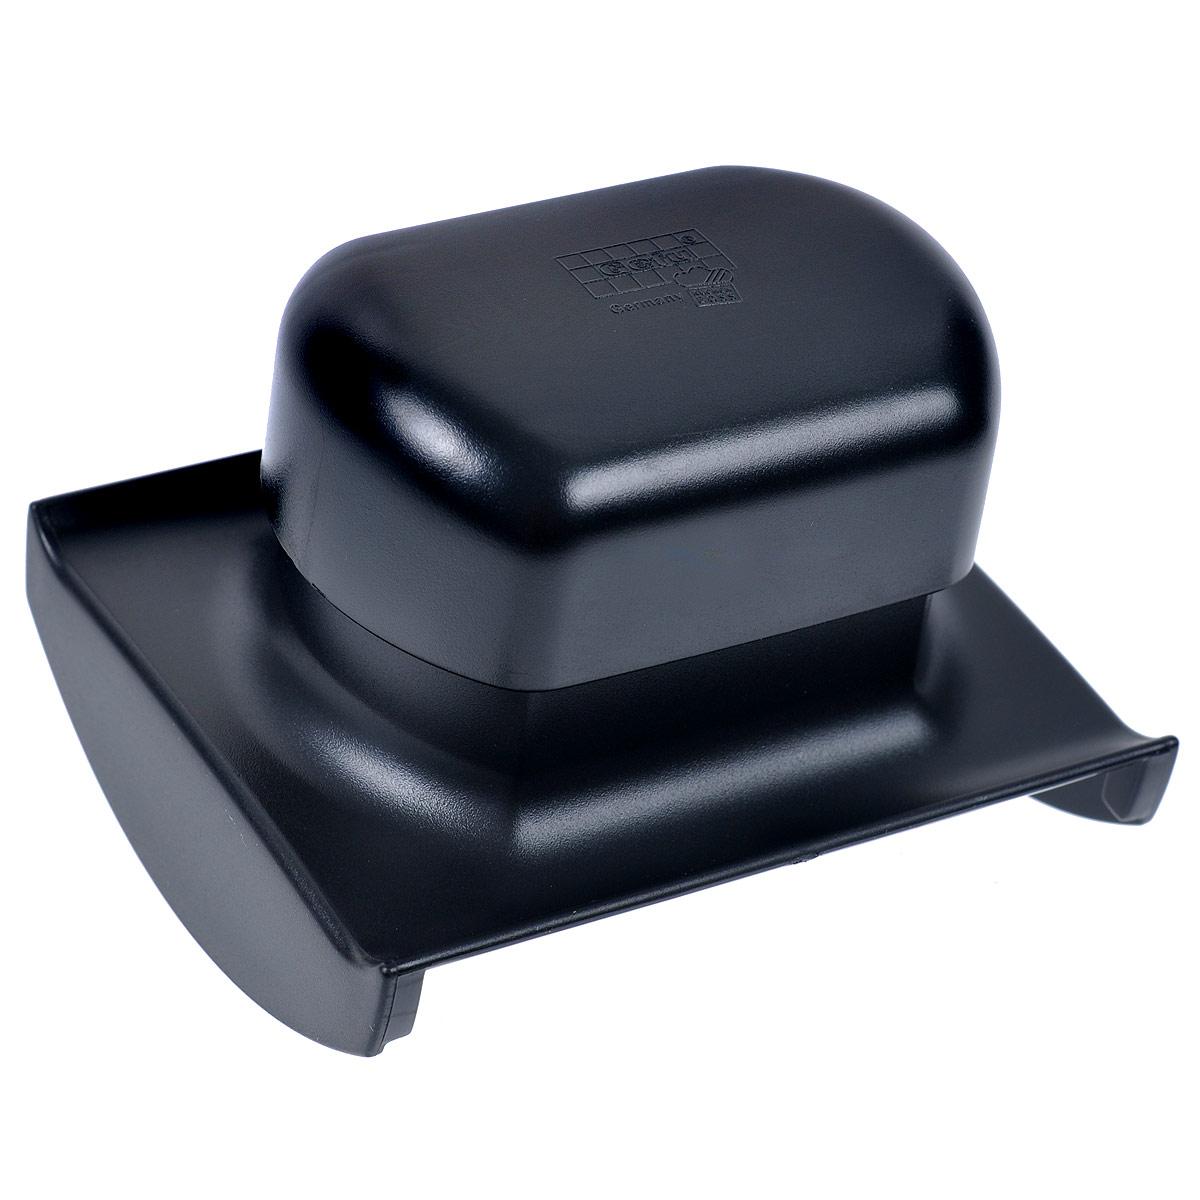 Держатель для терки RaspiniNL18439Держатель для терки Raspini выполнен из высококачественного пластика черного цвета. Специальный держательдля терки Raspini защищает руки и дает возможность нарезать любые продукты.Можно мыть в посудомоечной машине.Характеристики:Материал: высококачественный пластик. Размер: 11 см х 9,5 см х 8 см. Цвет: черный. Артикул: 55550.